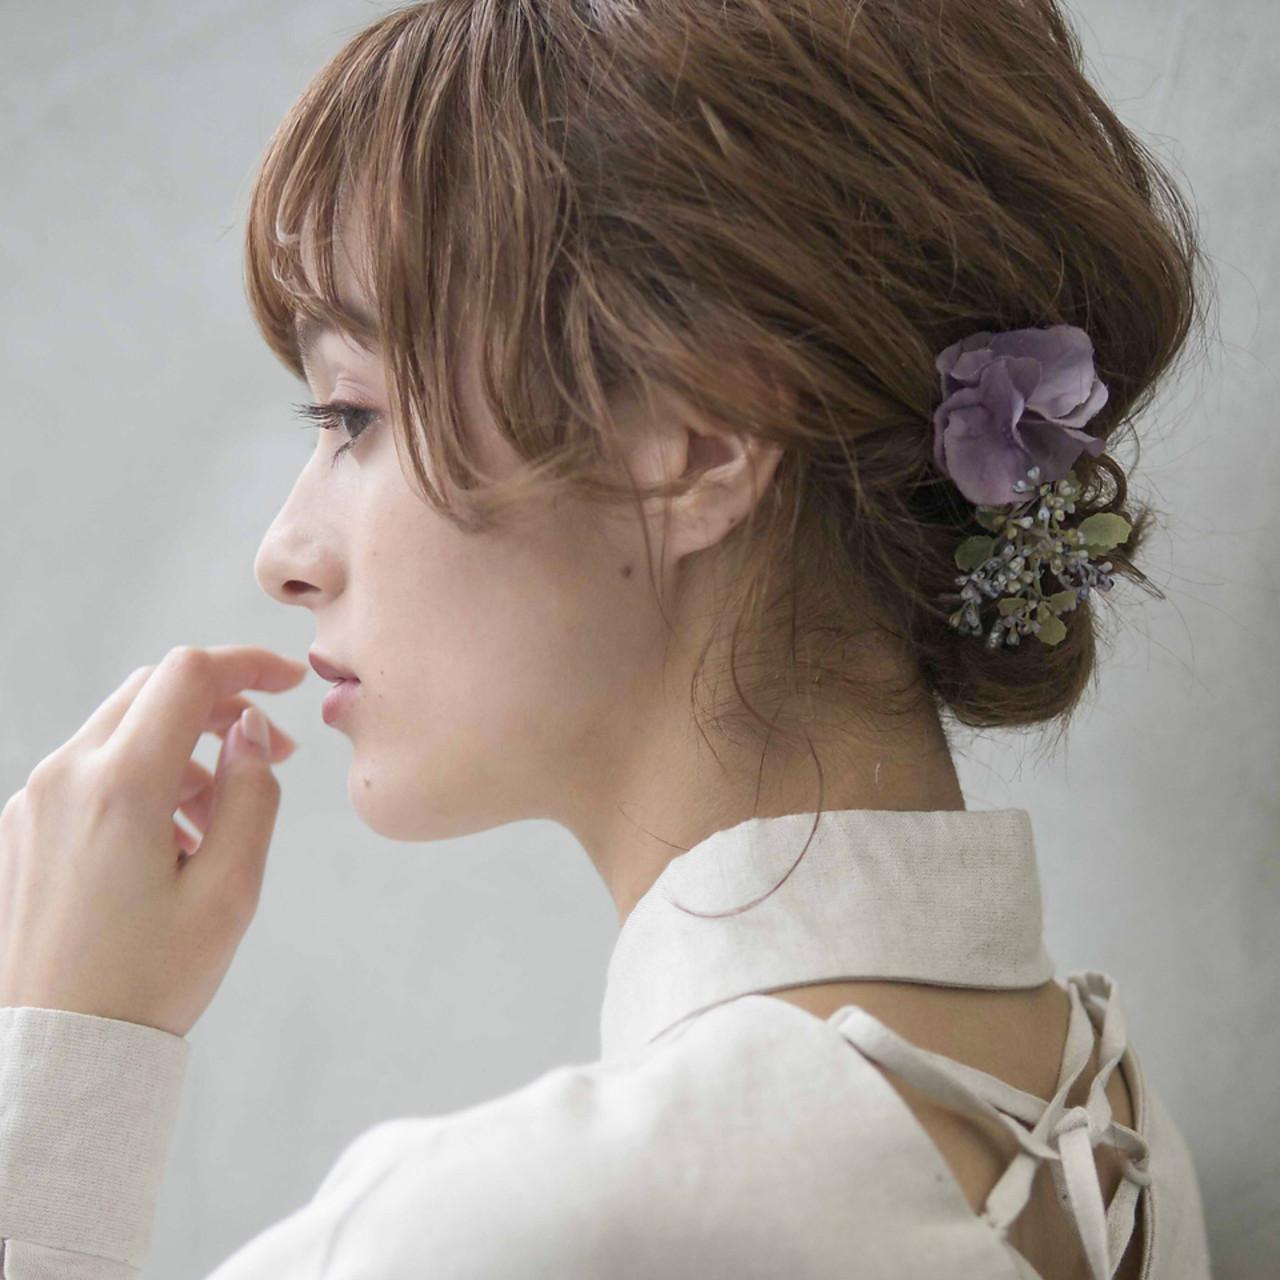 簡単ヘアアレンジ 結婚式 成人式 アンニュイほつれヘア ヘアスタイルや髪型の写真・画像 | 竹ケ鼻唯 / SUN